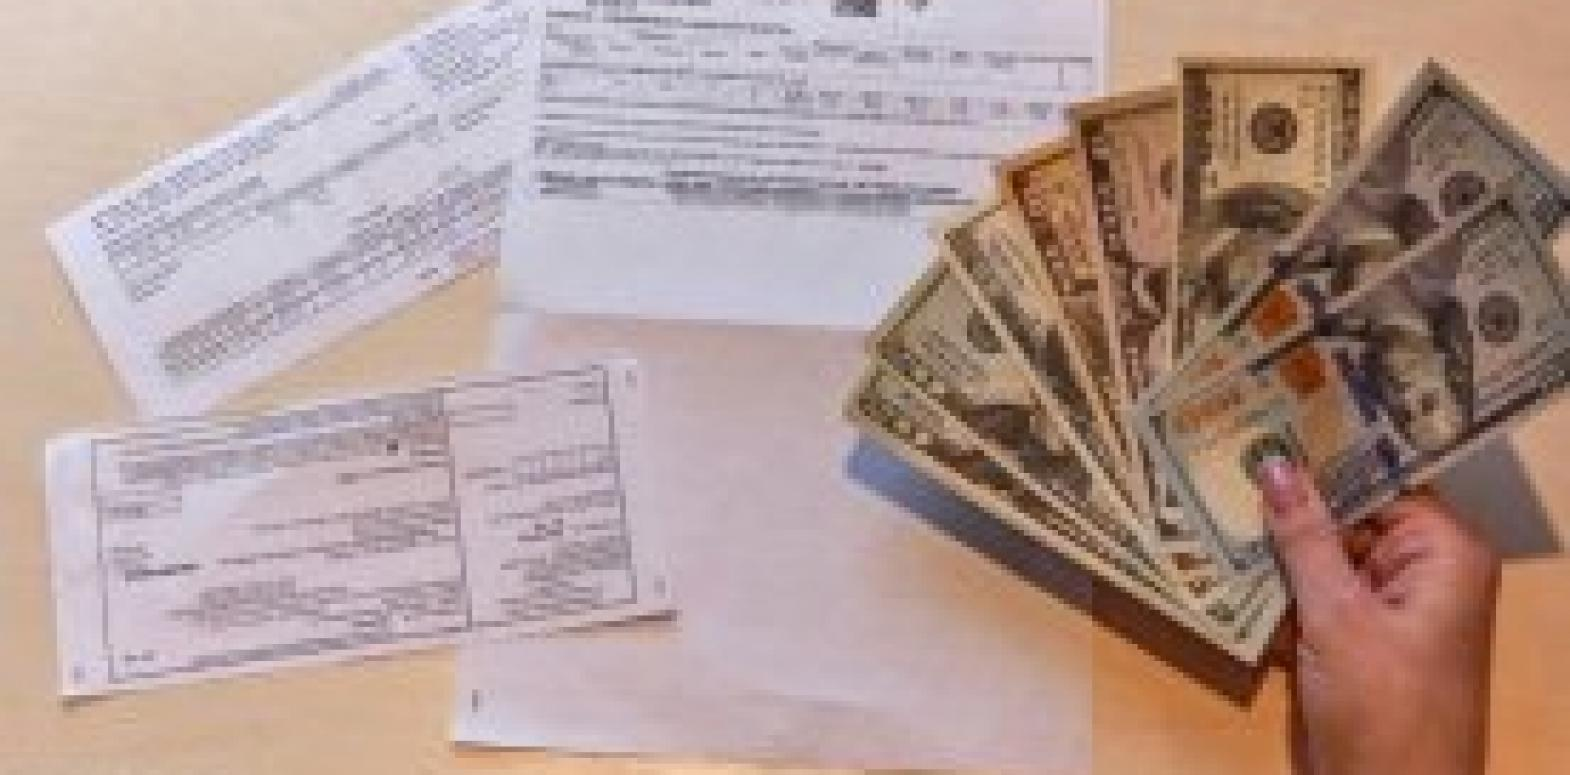 Киевлянка получила платежку за отопление на 53 тыс. гривен